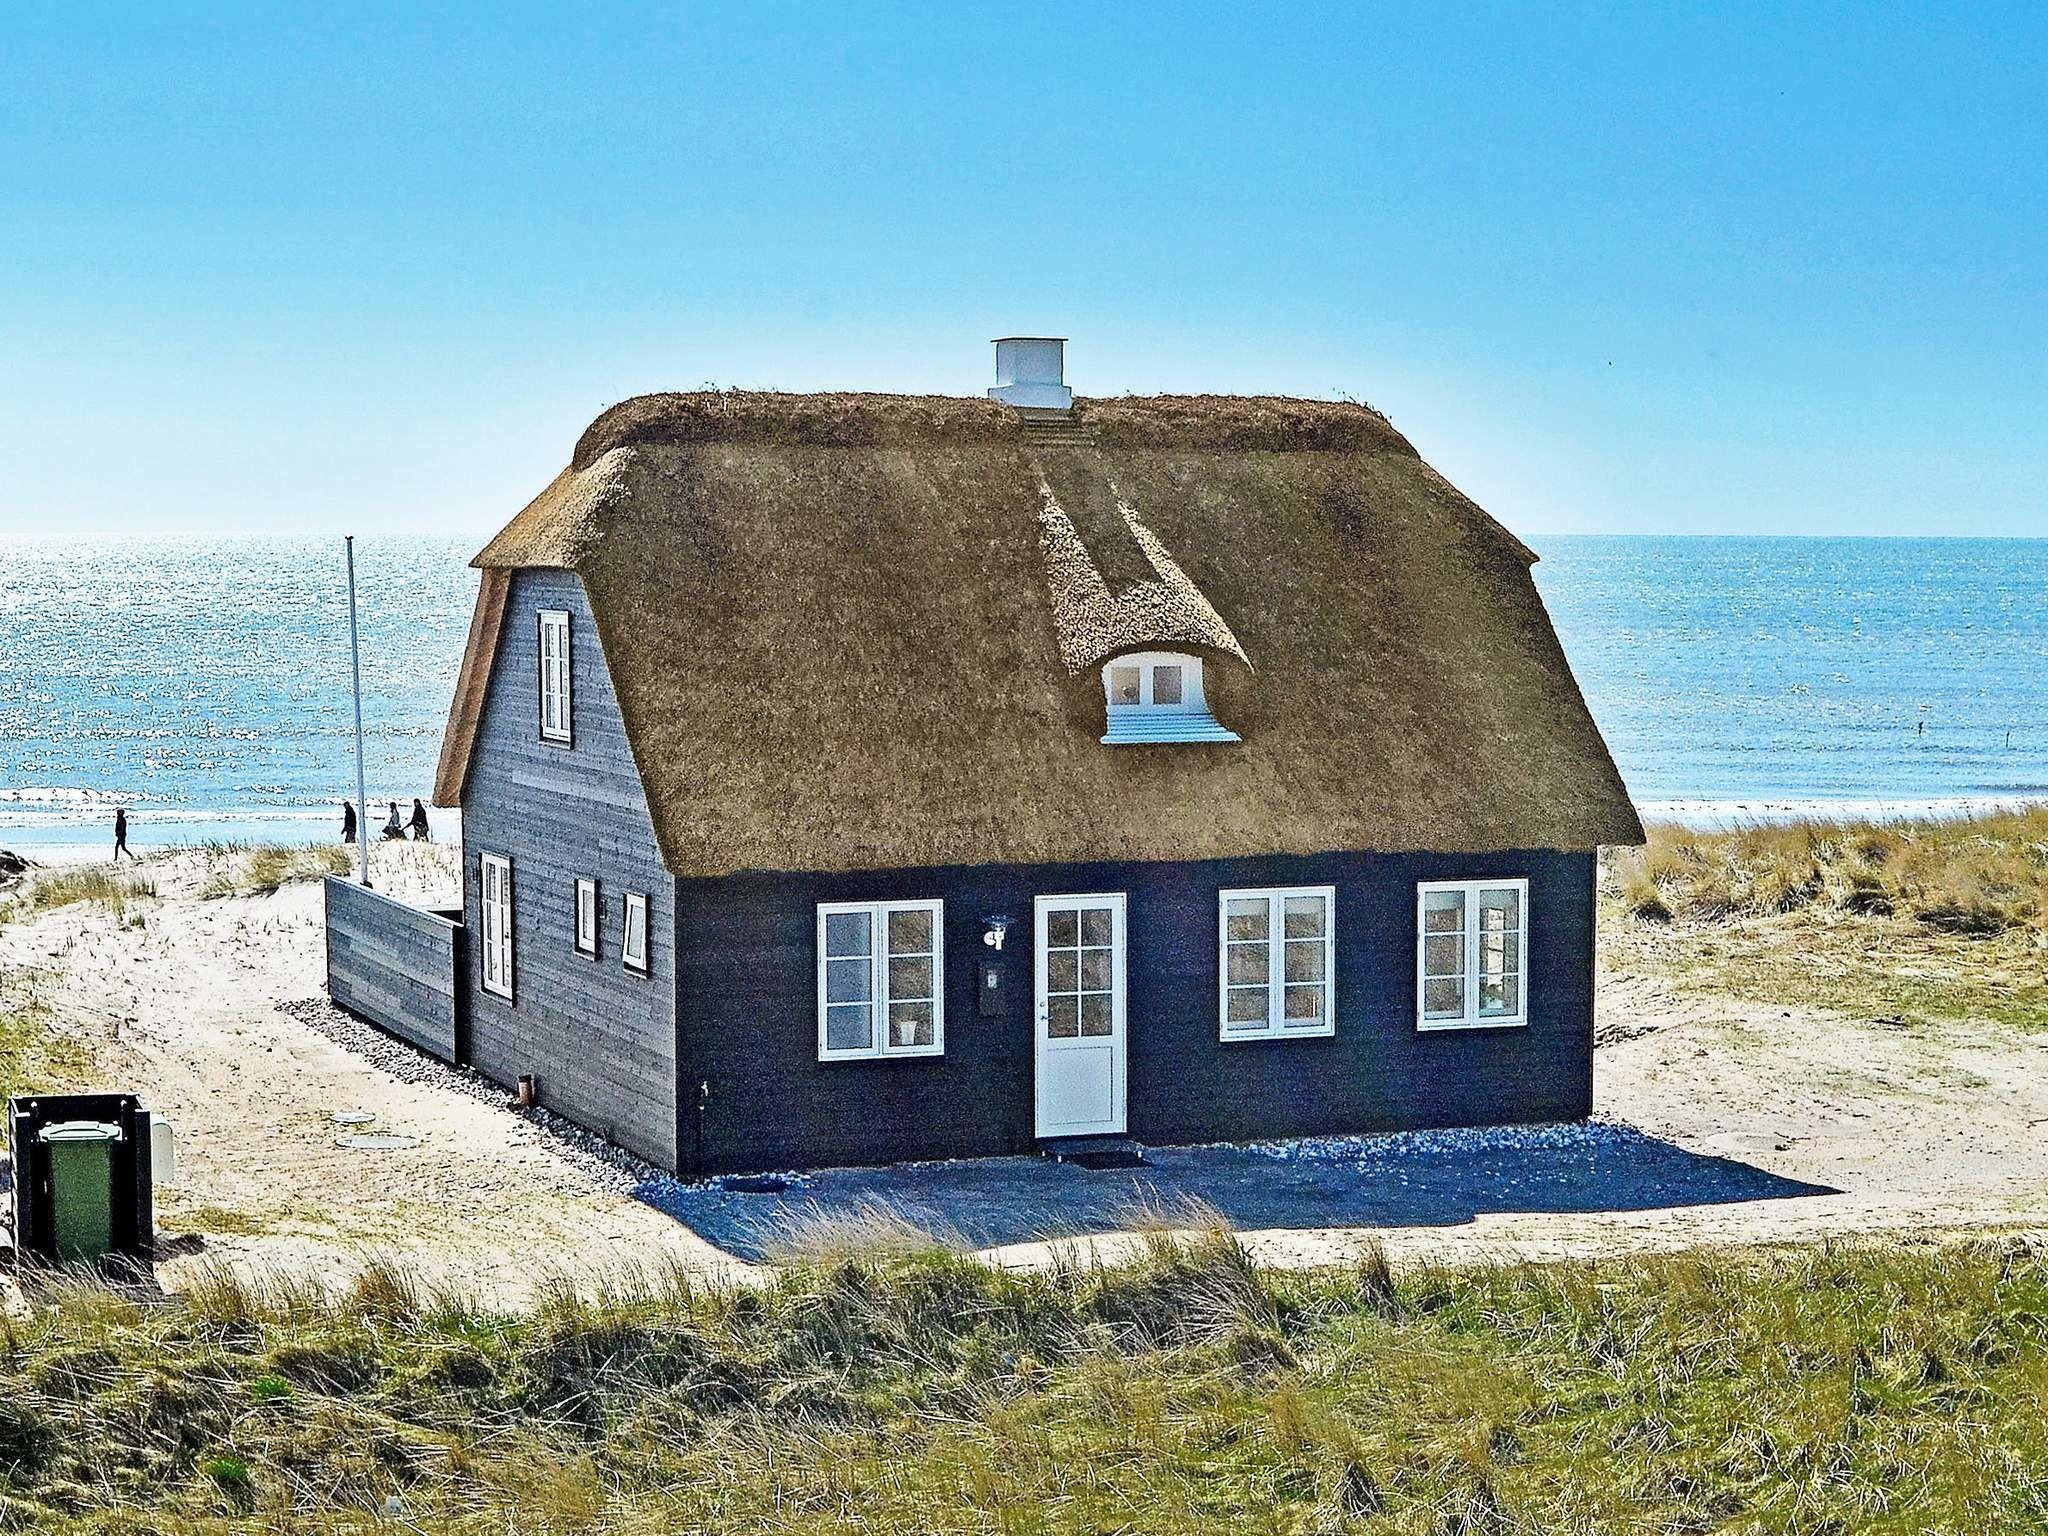 Dein Ferienhaus Danemark De Ferienhaus Danemark Ferienhaus Ostsee Urlaub Ferienhaus